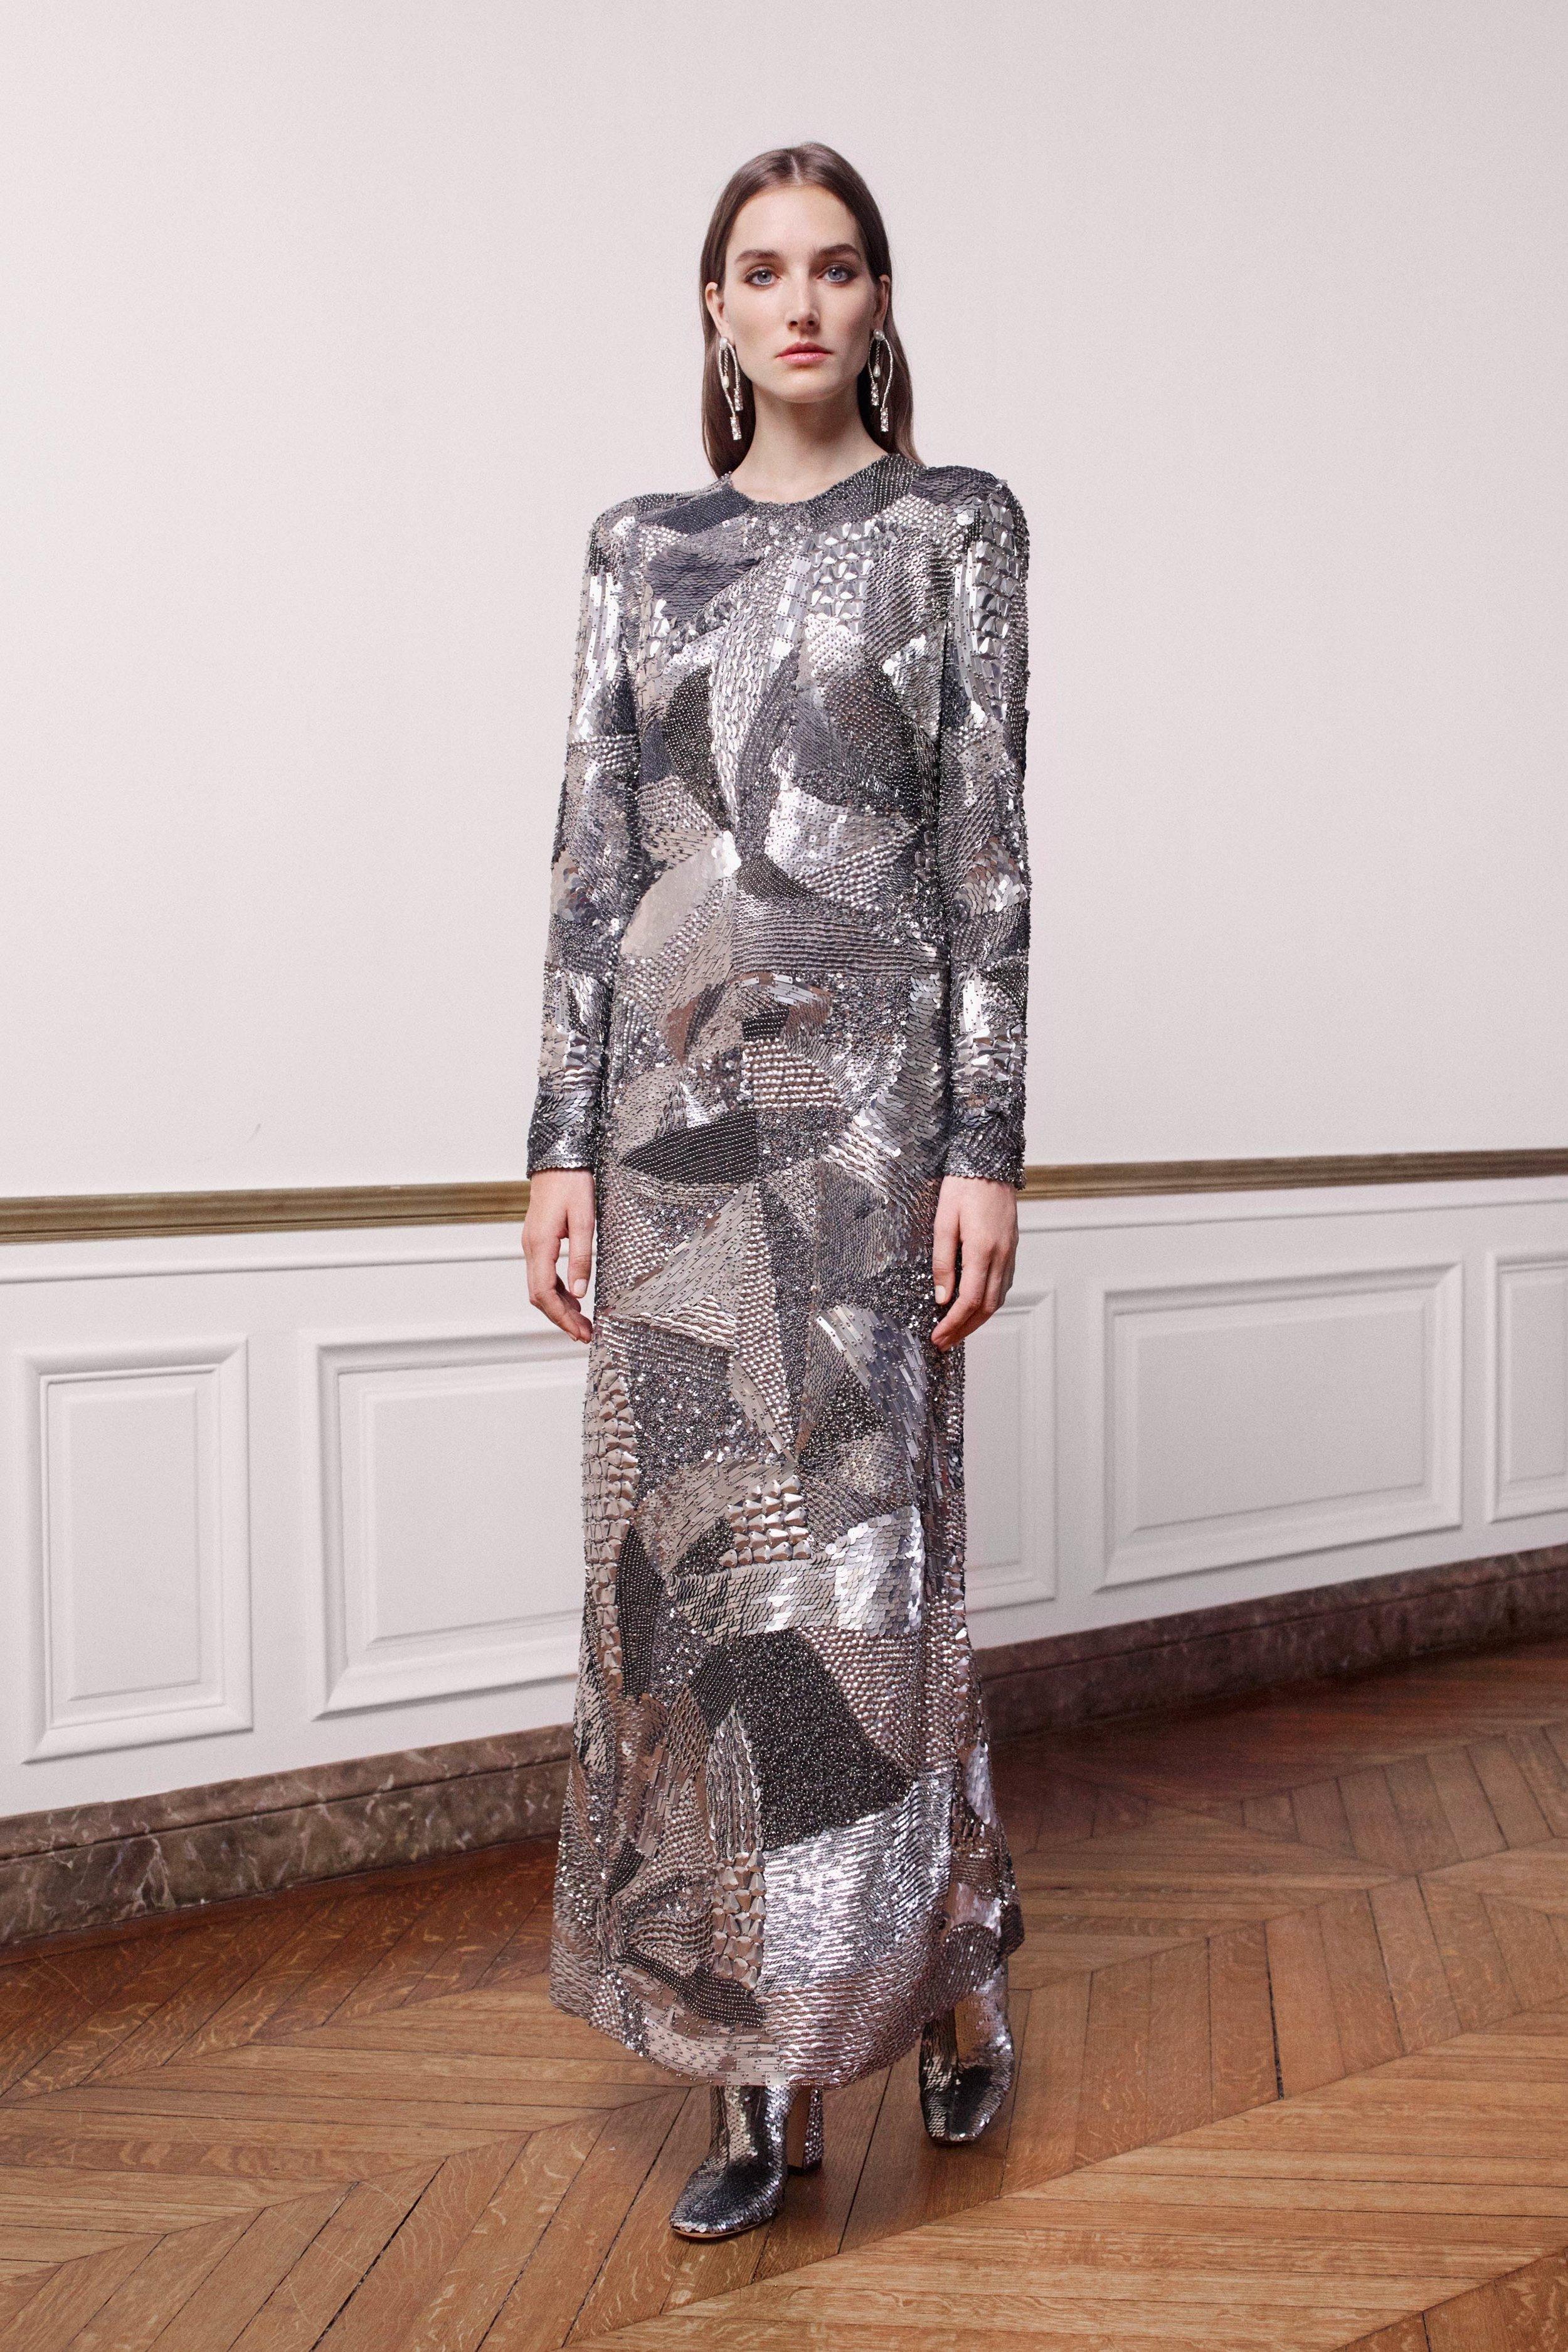 00013-alberta-ferreti-paris-couture-spring-19.jpg